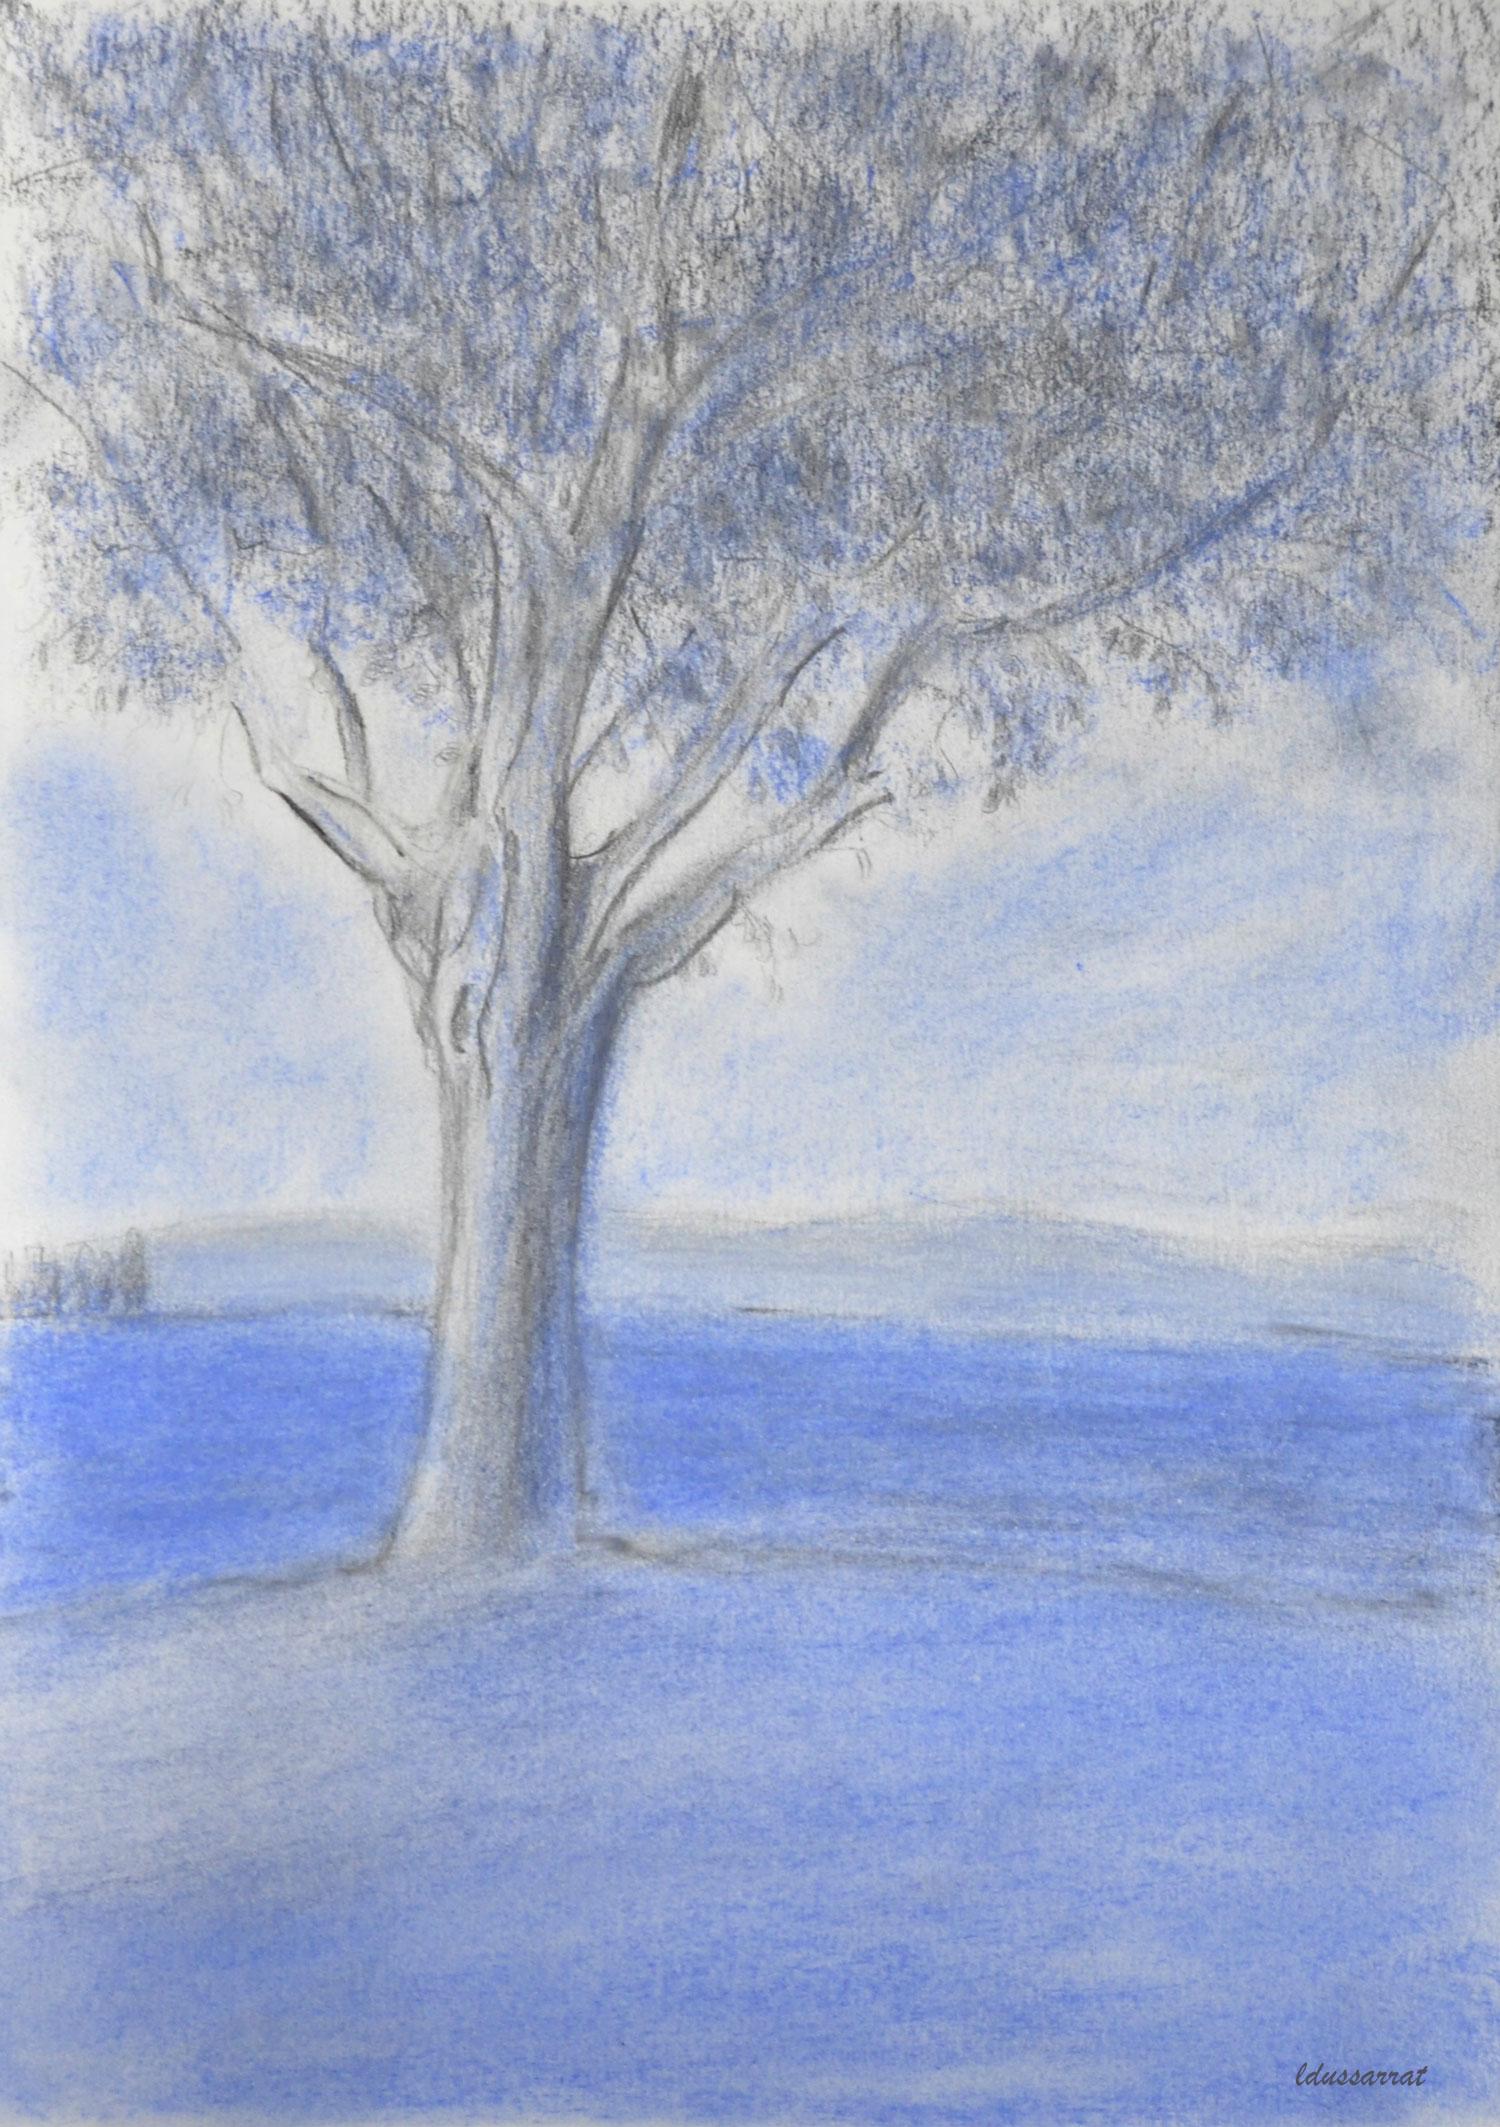 L'arbre, St Prex. Crayon et pastel, 30x21, 2021